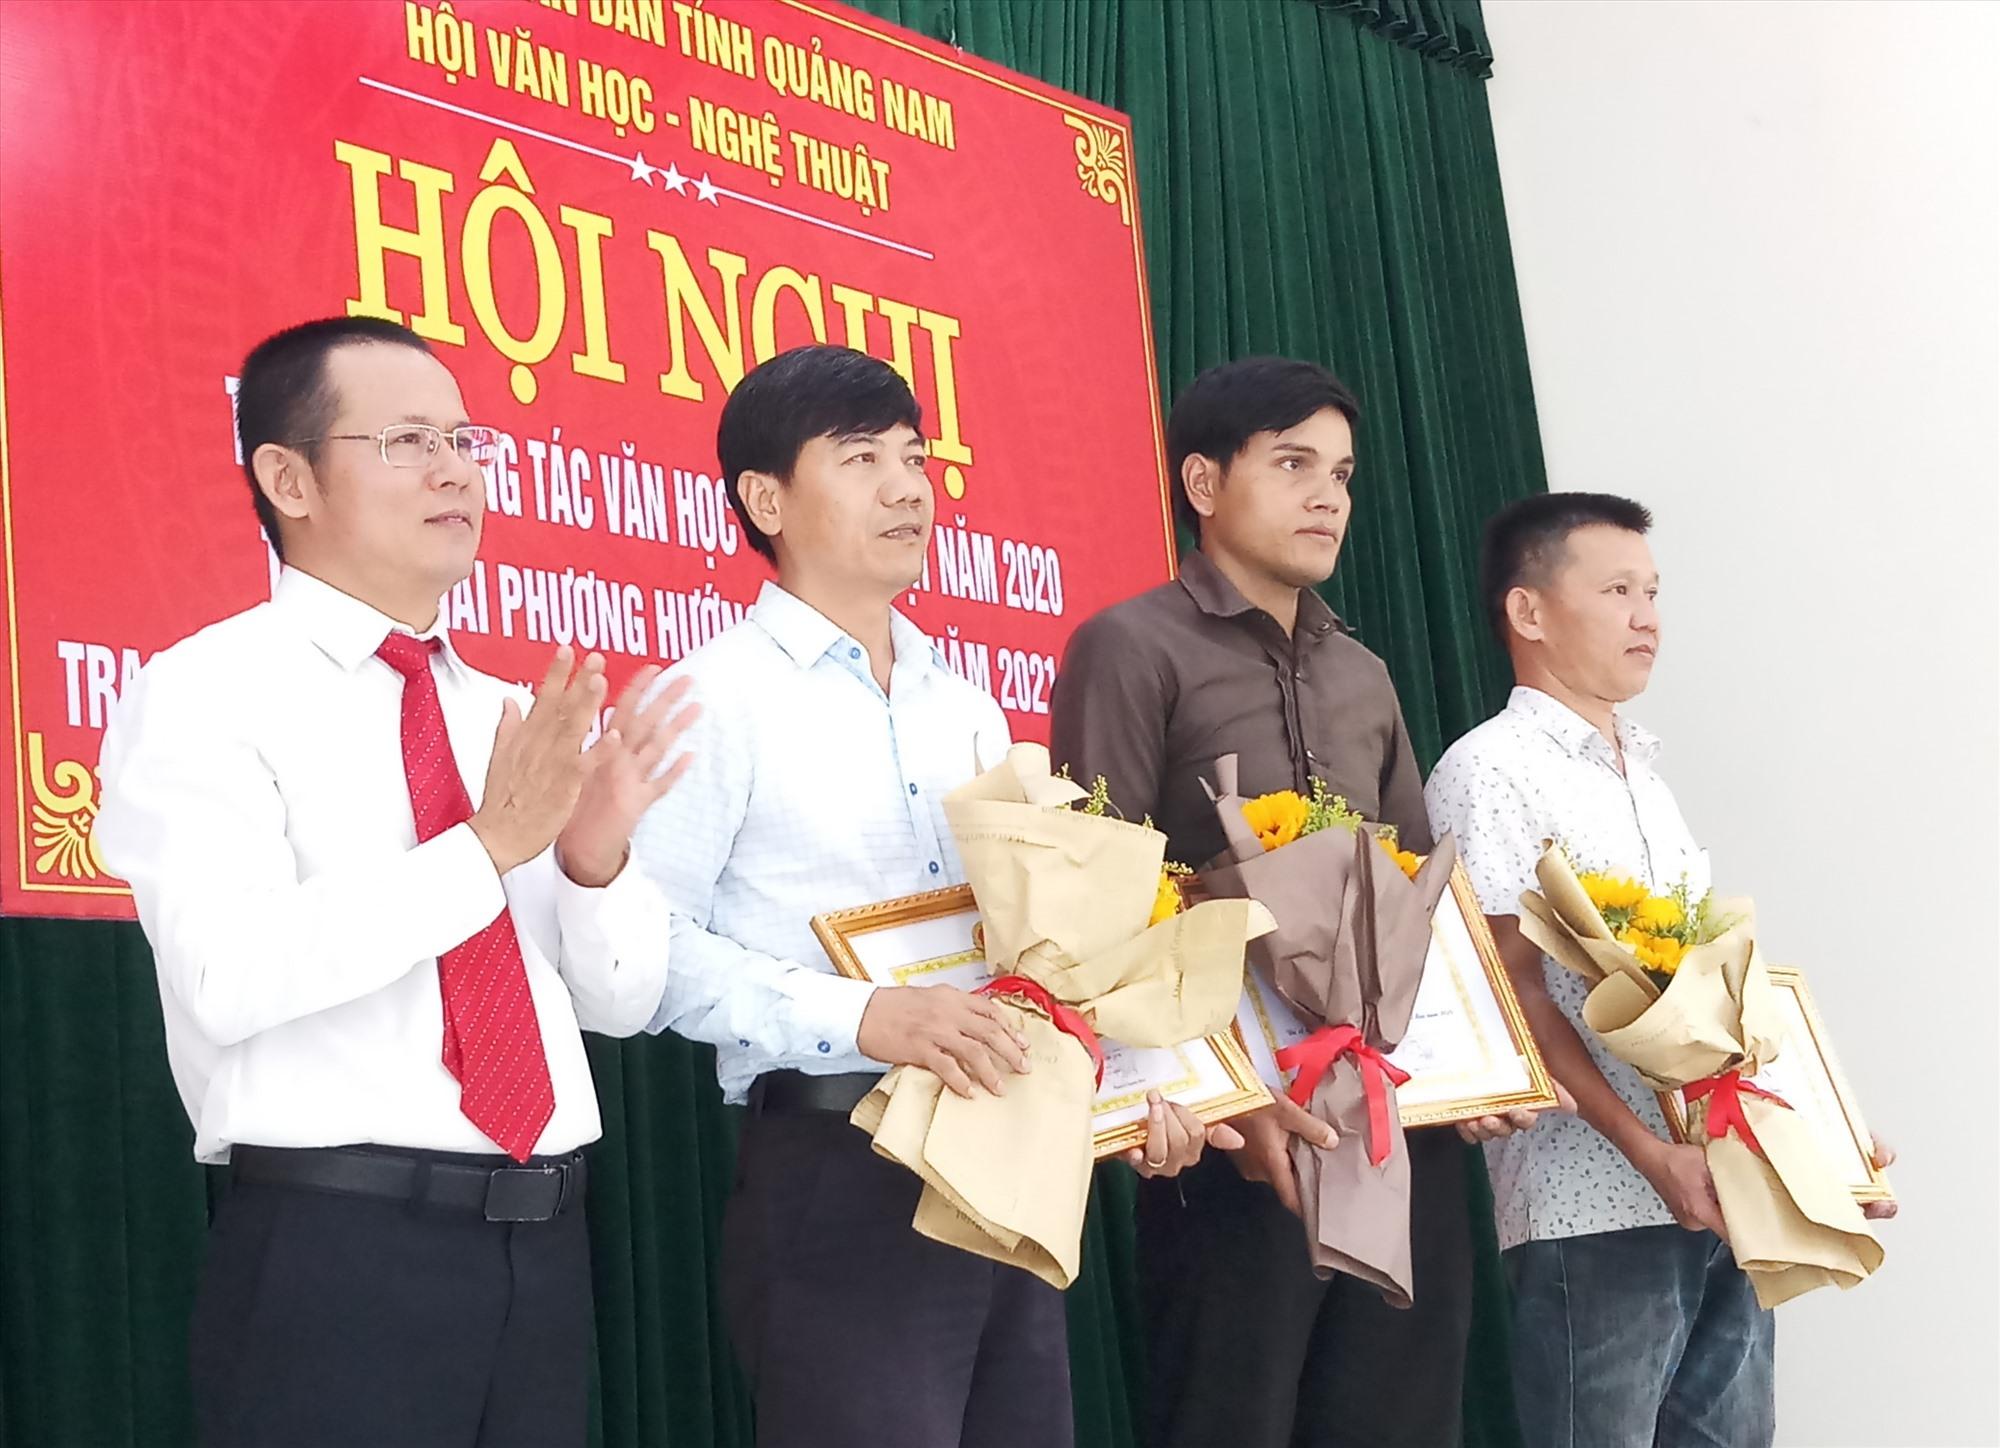 Các hội viên có tác phẩm nghệ thuật chất lượng nhận giấy khen của Hội VH-NT tỉnh. Ảnh: N.T